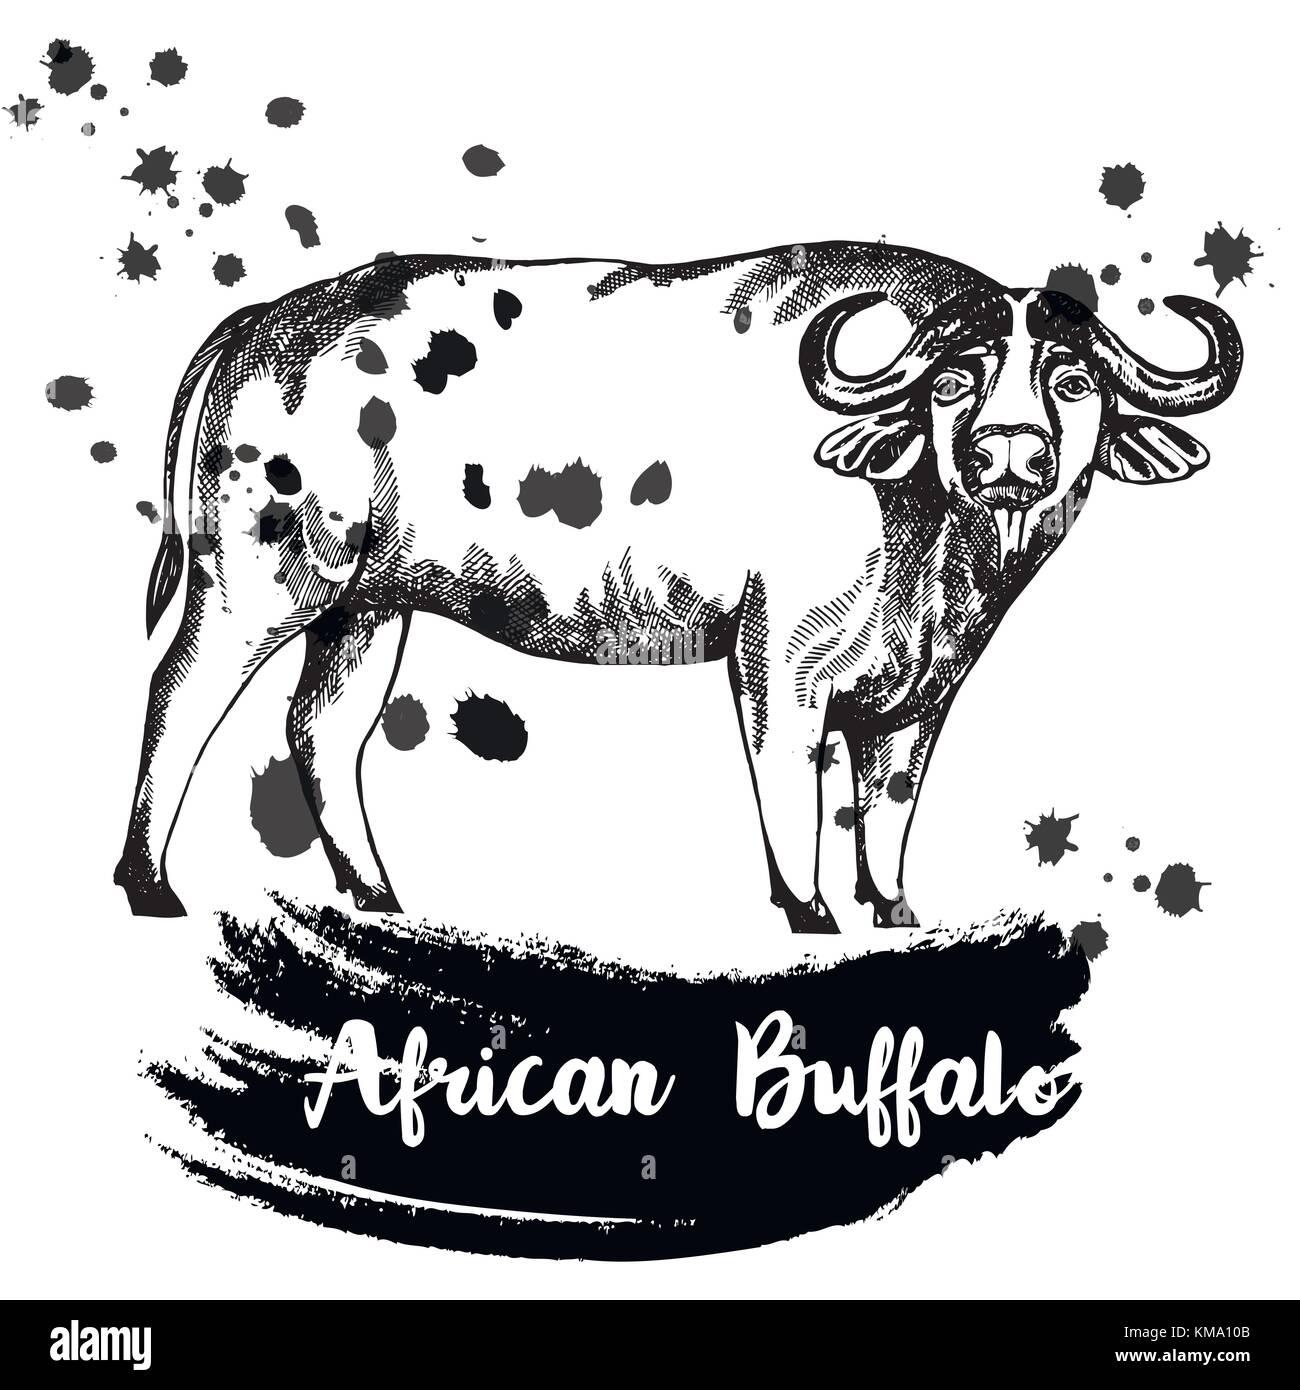 Buffalo Drawn Imágenes De Stock & Buffalo Drawn Fotos De Stock - Alamy